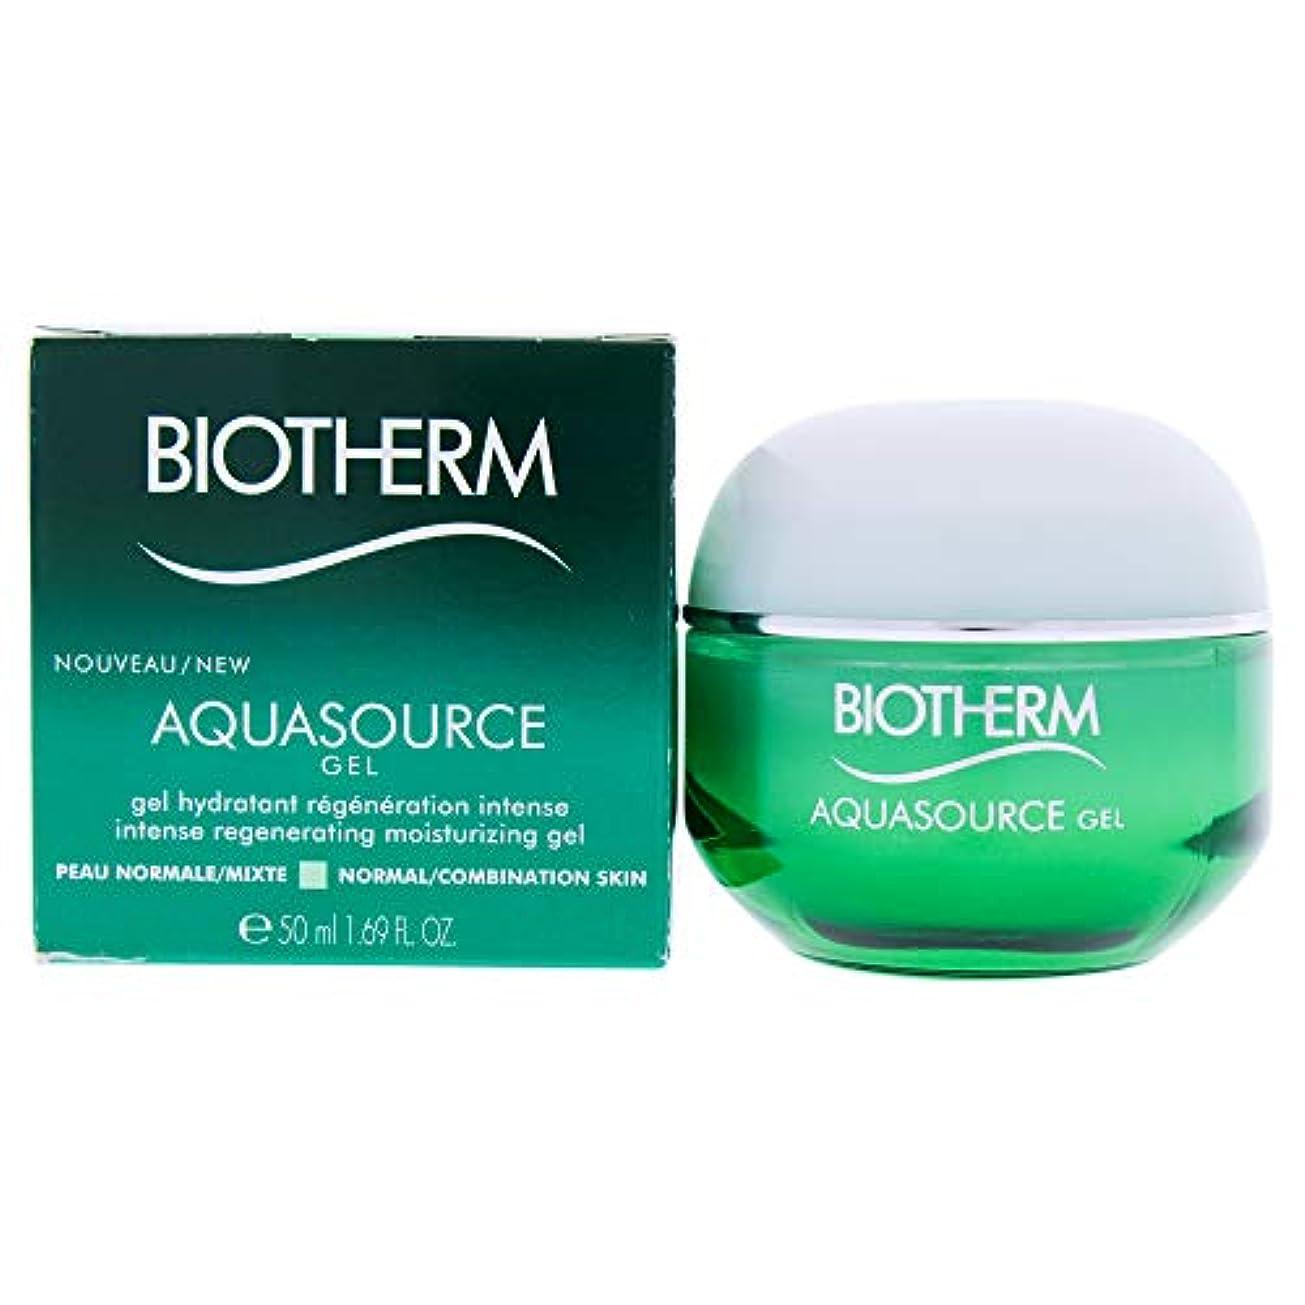 トラップ進む初心者ビオテルム Aquasource Gel Intense Regenerating Moisturizing Gel - For Normal/Combination Skin 50ml/1.69oz並行輸入品